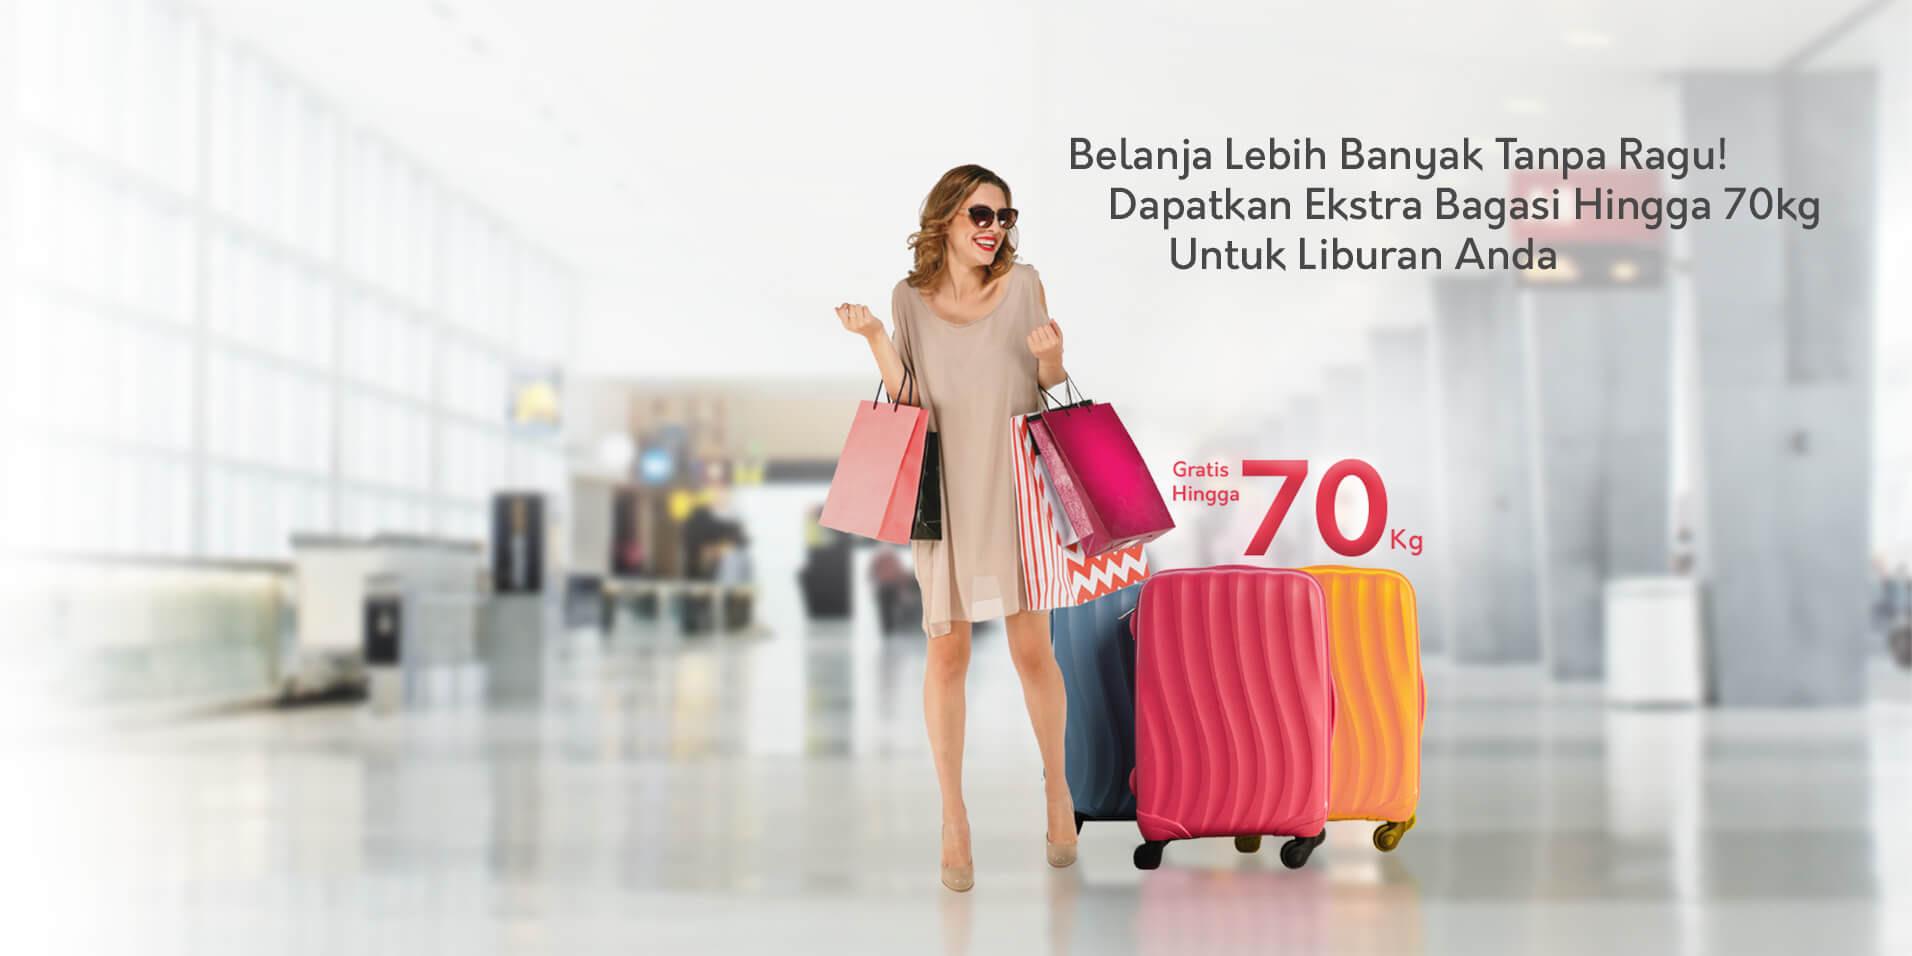 Daftar Bagasi Garuda Indonesia Bebas Biaya